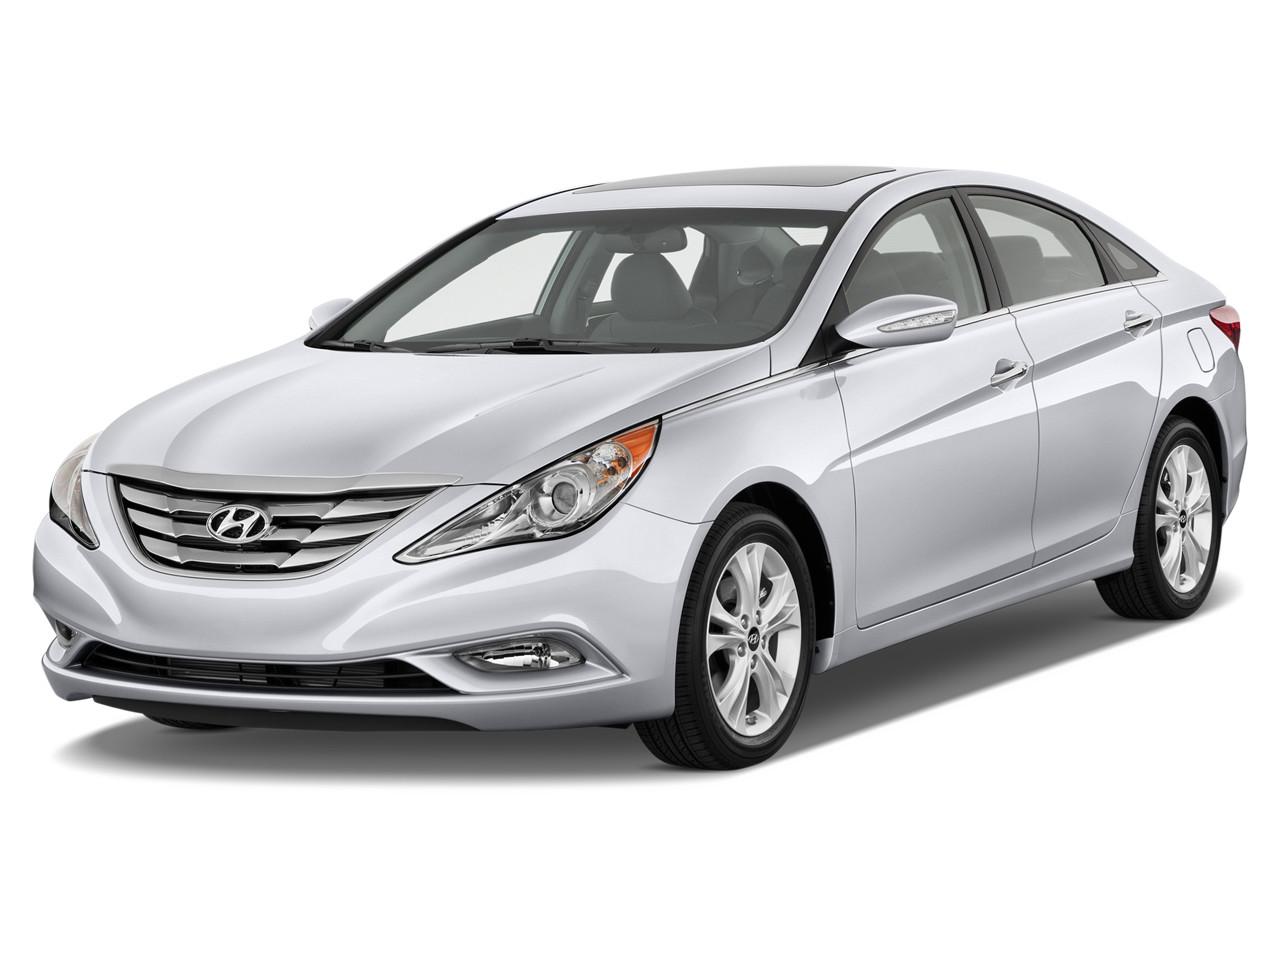 Chiptuning Hyundai Sonata 2.0 16v 136 pk